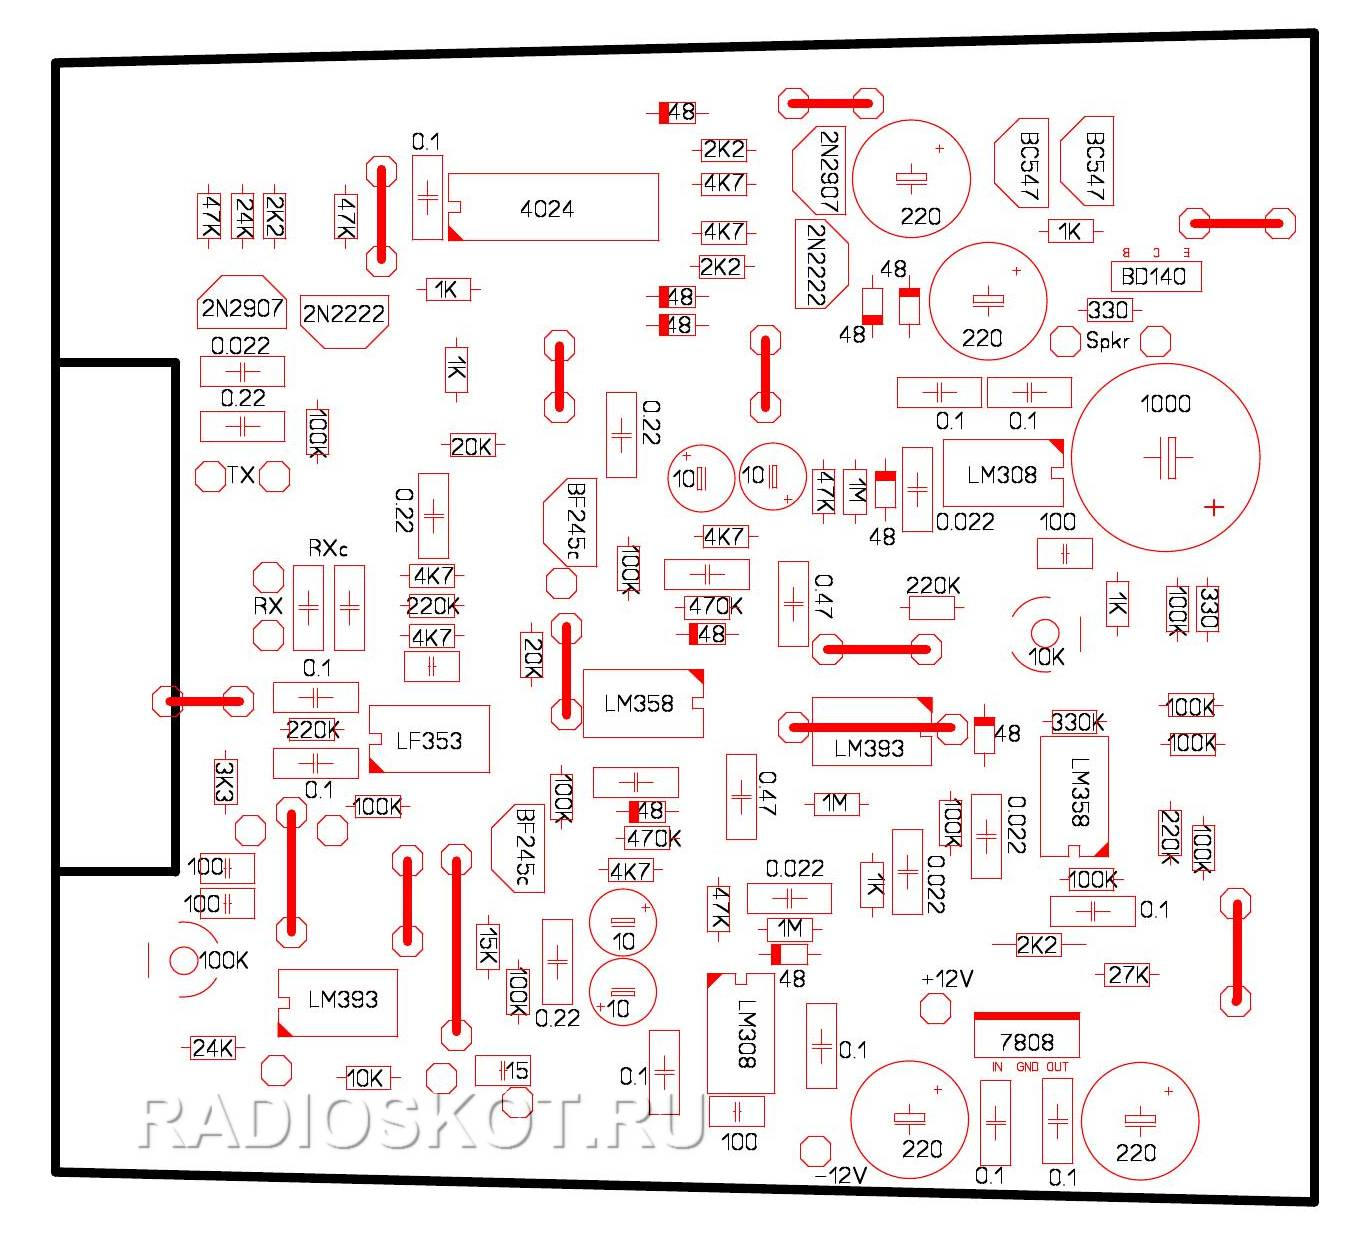 Металлоискатель эльдорадо схема